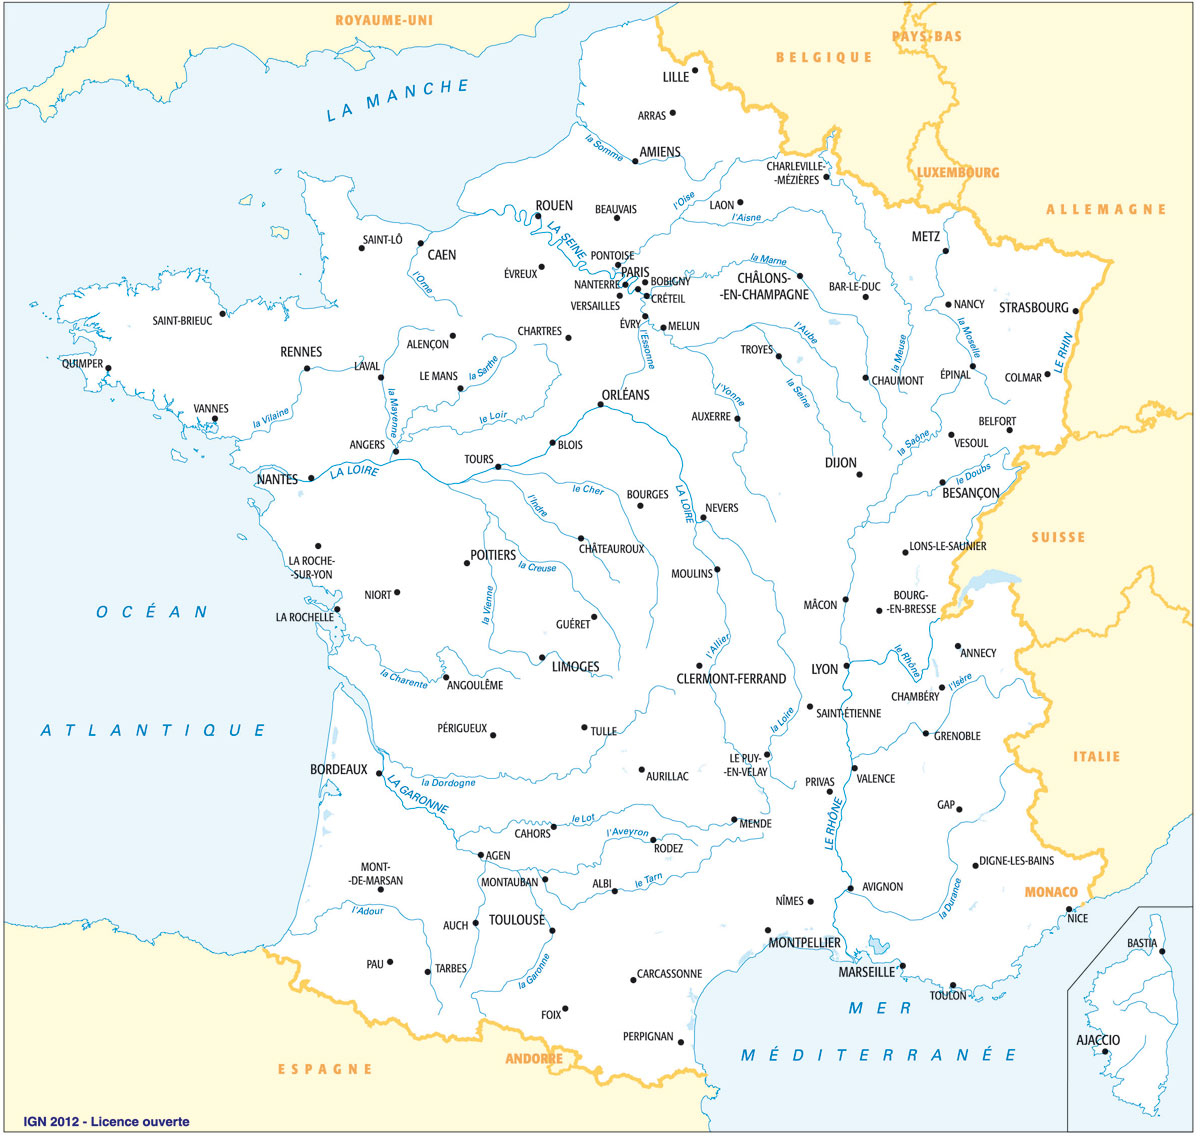 Carte France Villes : Carte Des Villes De France à Carte De France Avec Grandes Villes